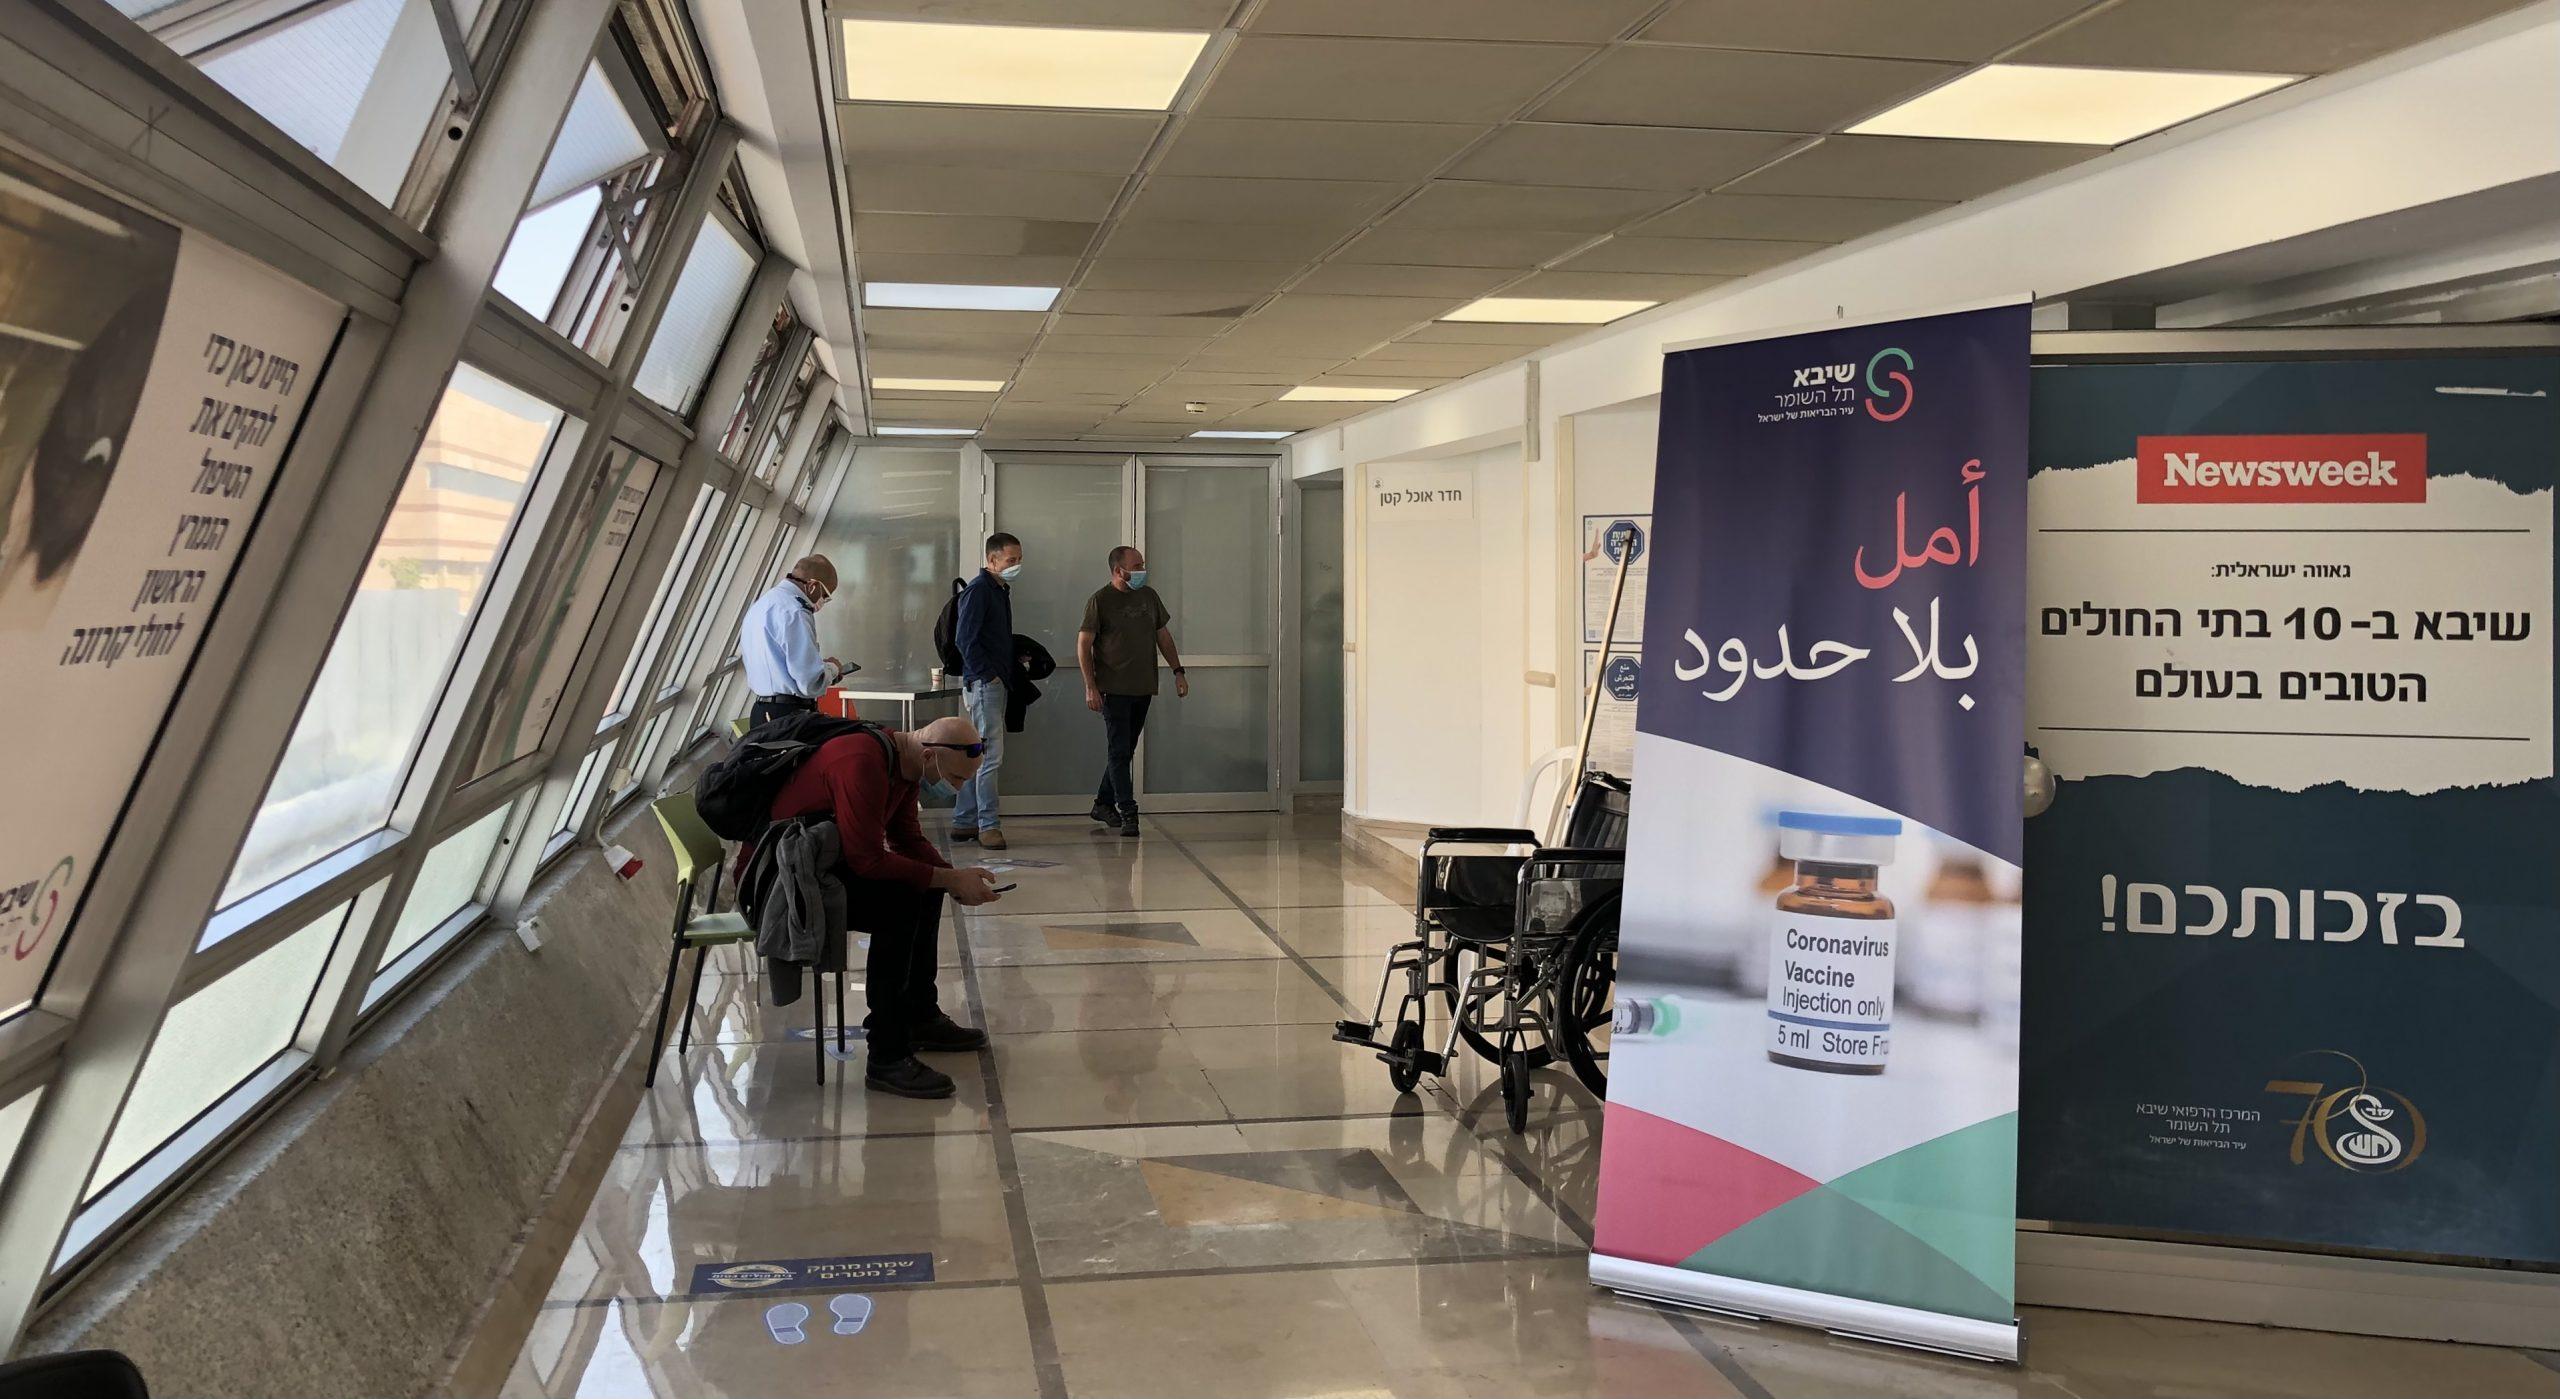 Израильская вакцина: испытания в клинике Шиба Тель-а-Шомер. Фото Елены Шафран